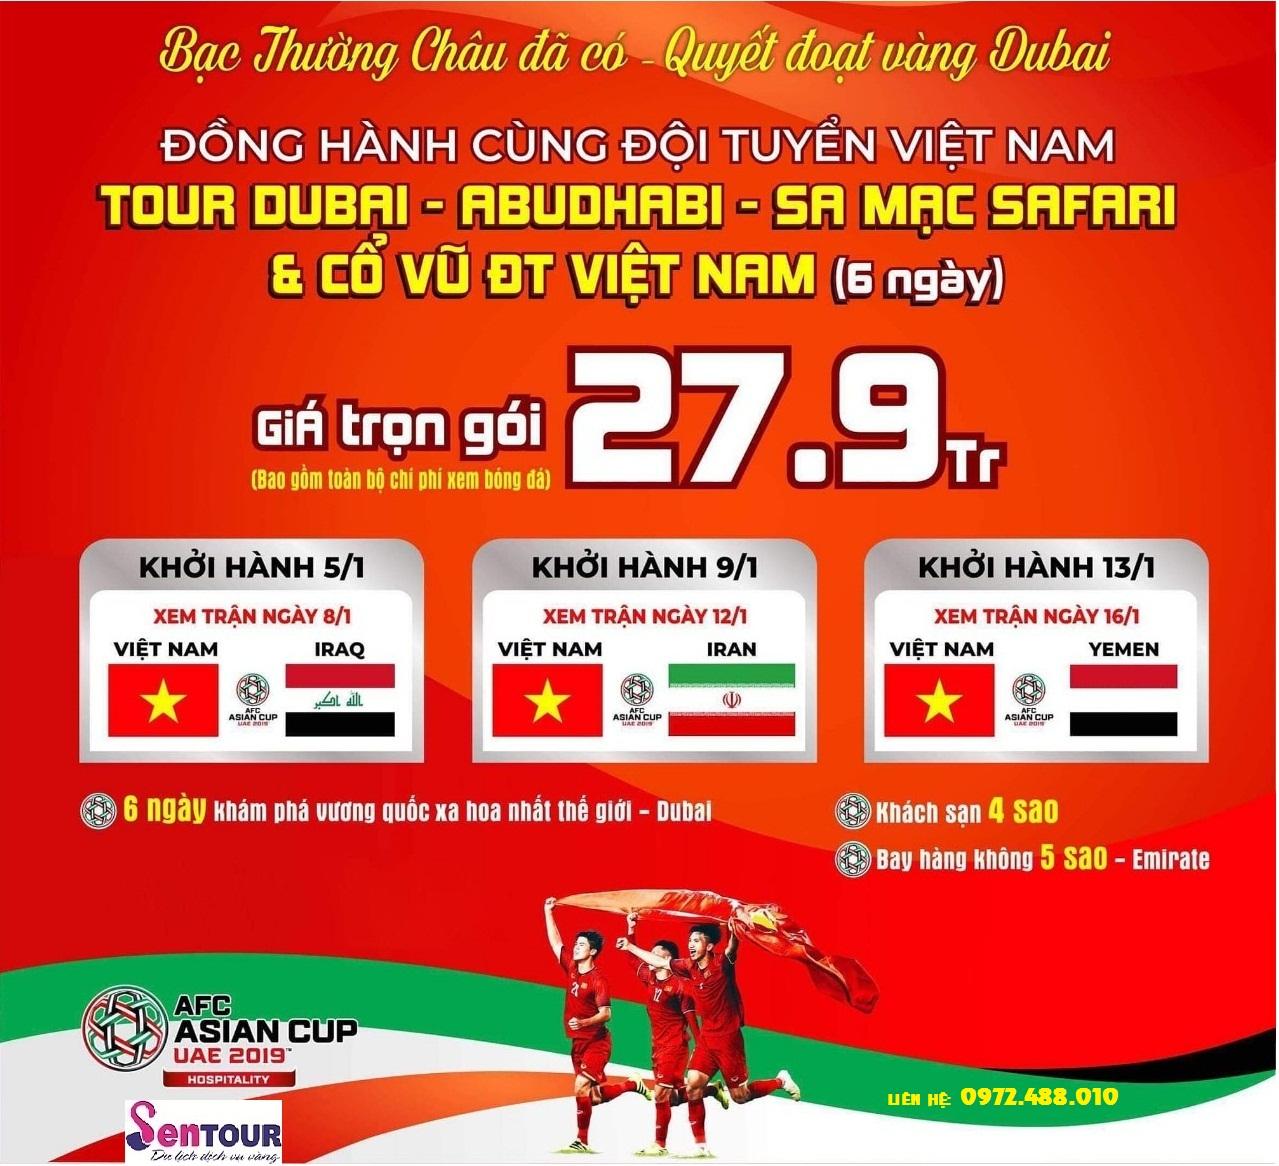 ĐỒNG HÀNH CÙNG ĐỘI TUYỂN VIỆT NAM TẠI DU BAI - AFC ASIA CUP 2019